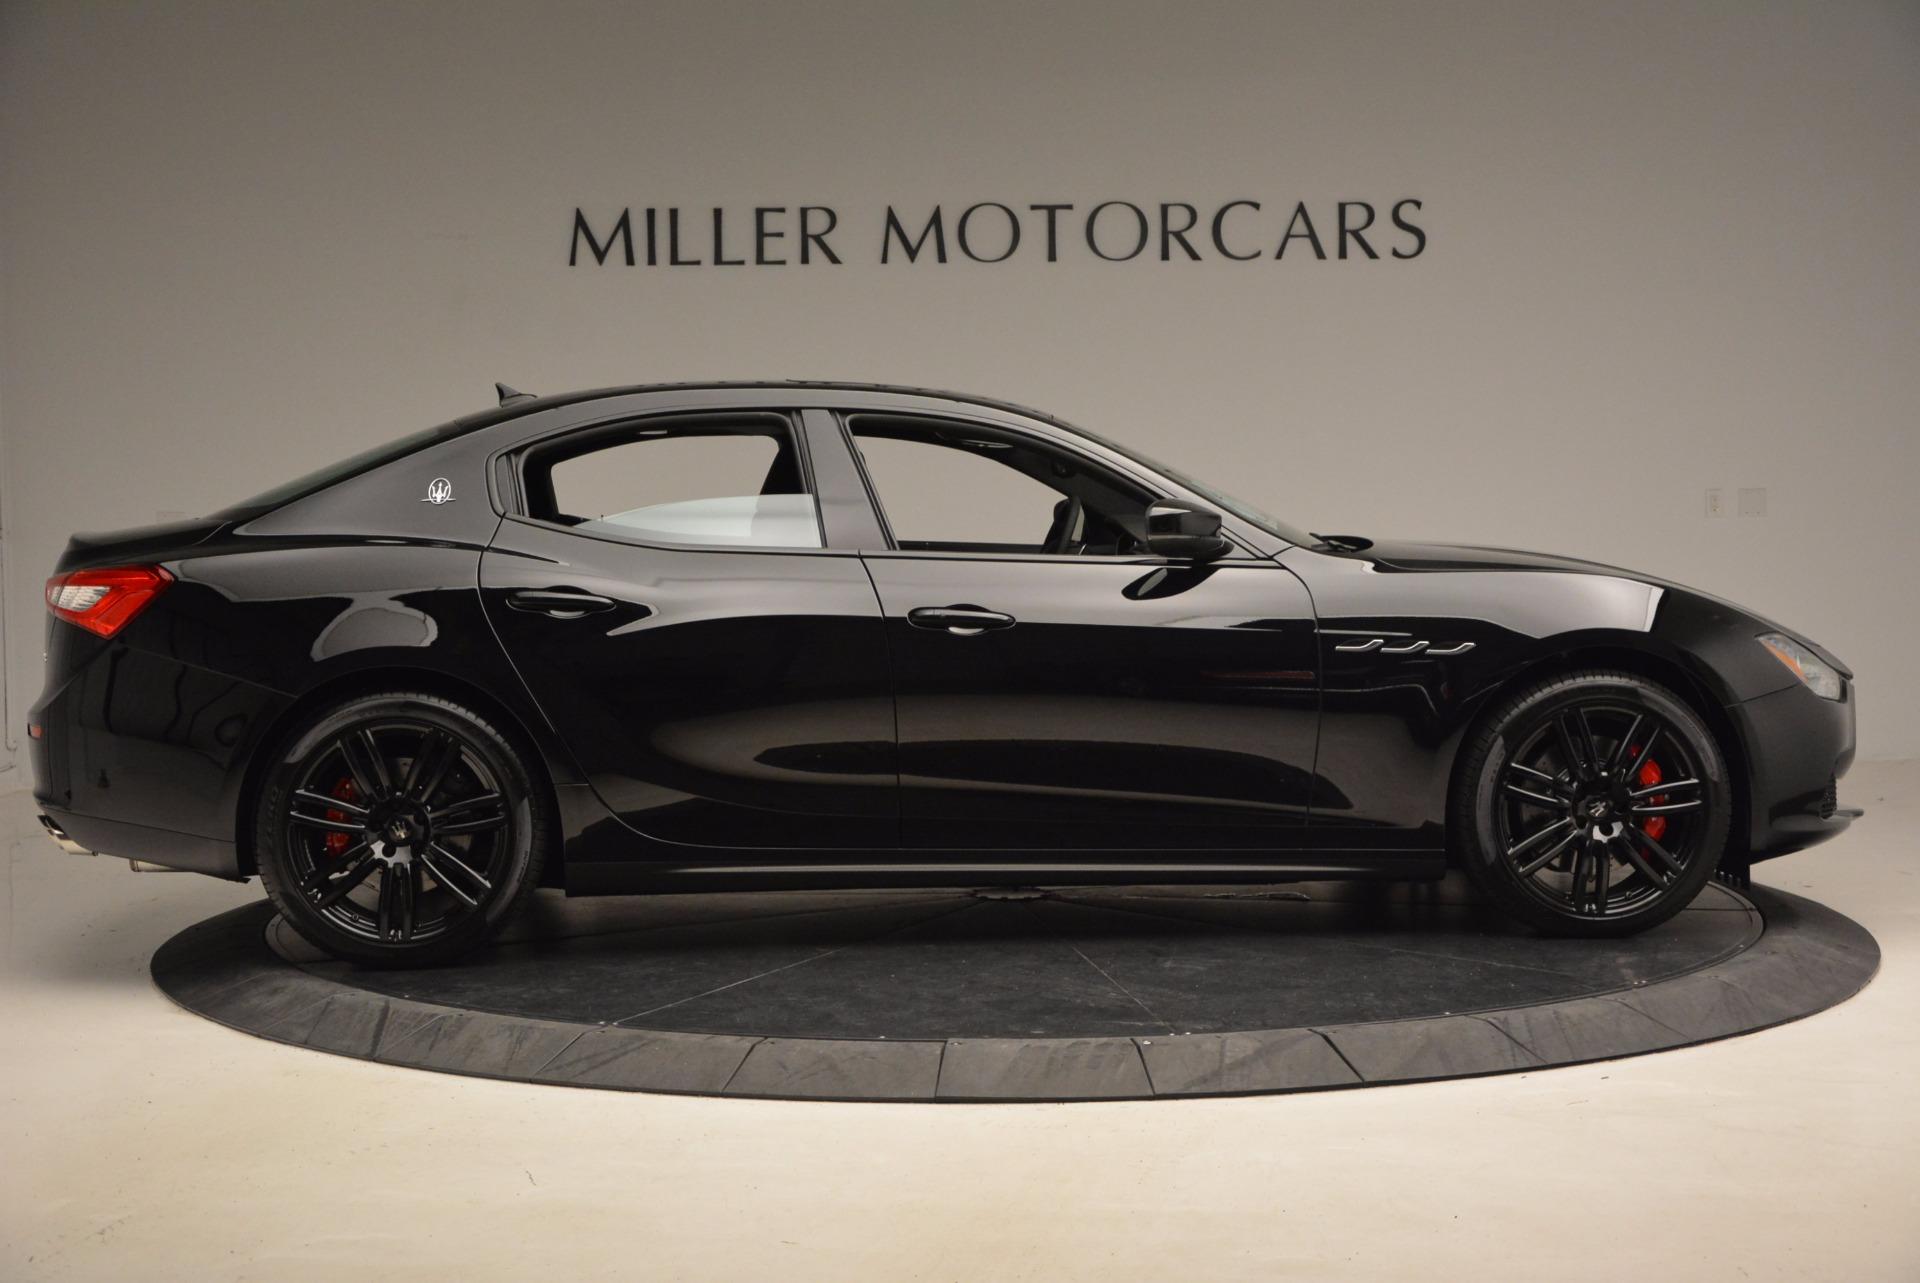 New 2017 Maserati Ghibli Nerissimo Edition S Q4 For Sale In Greenwich, CT 1420_p9